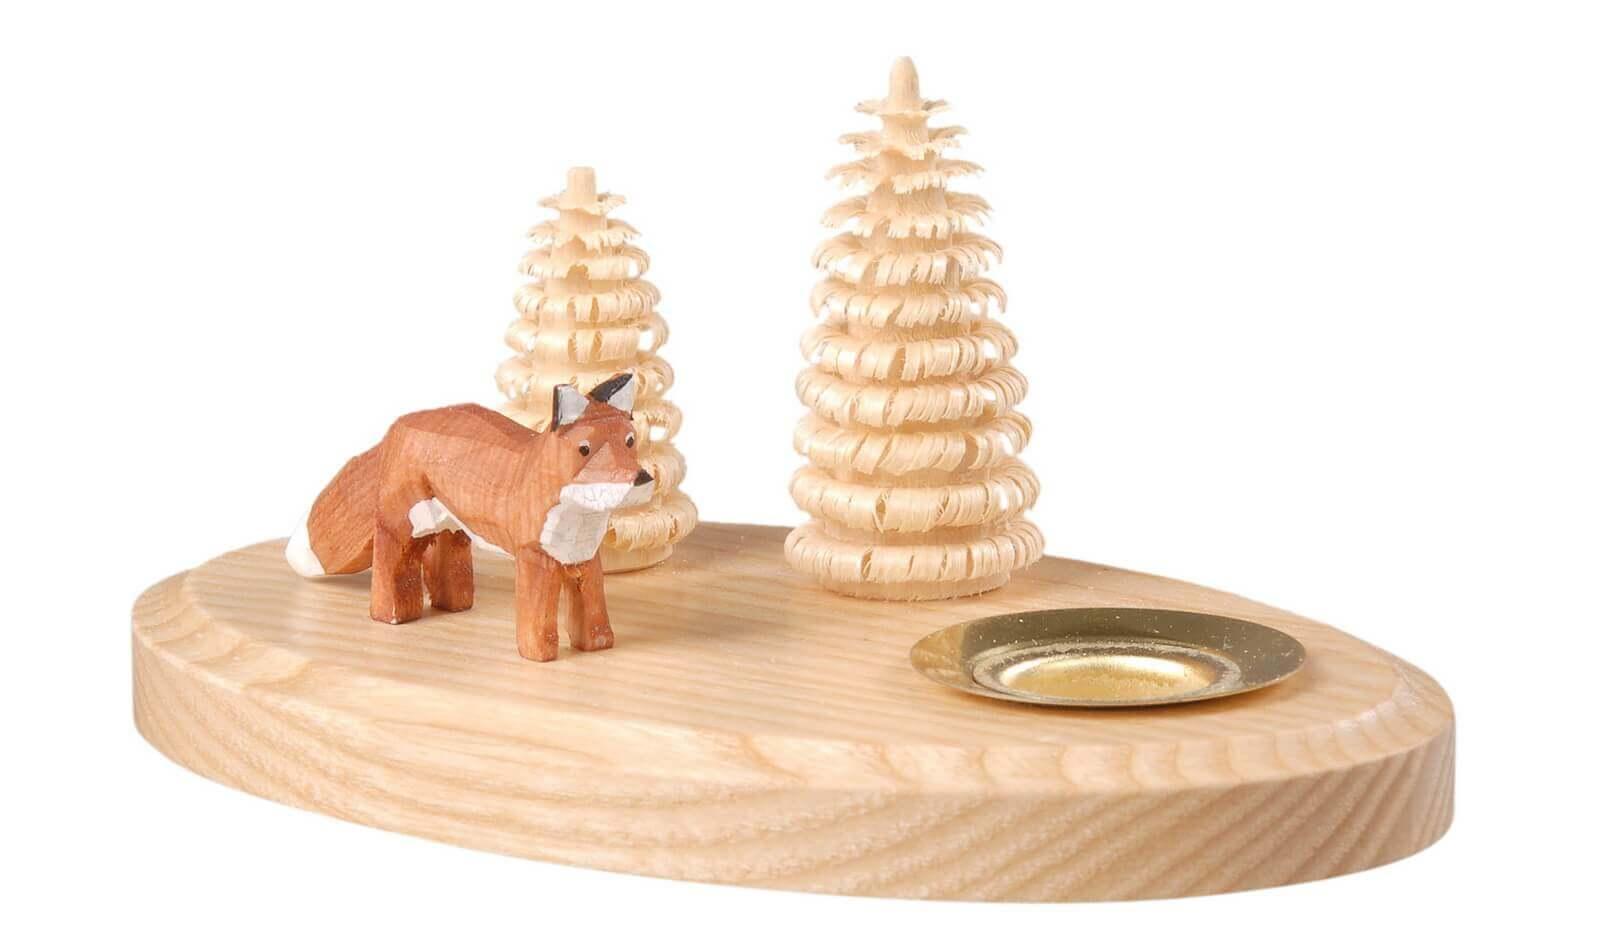 Kerzenhalter mit Fuchs hergestellt von Albin Preißler